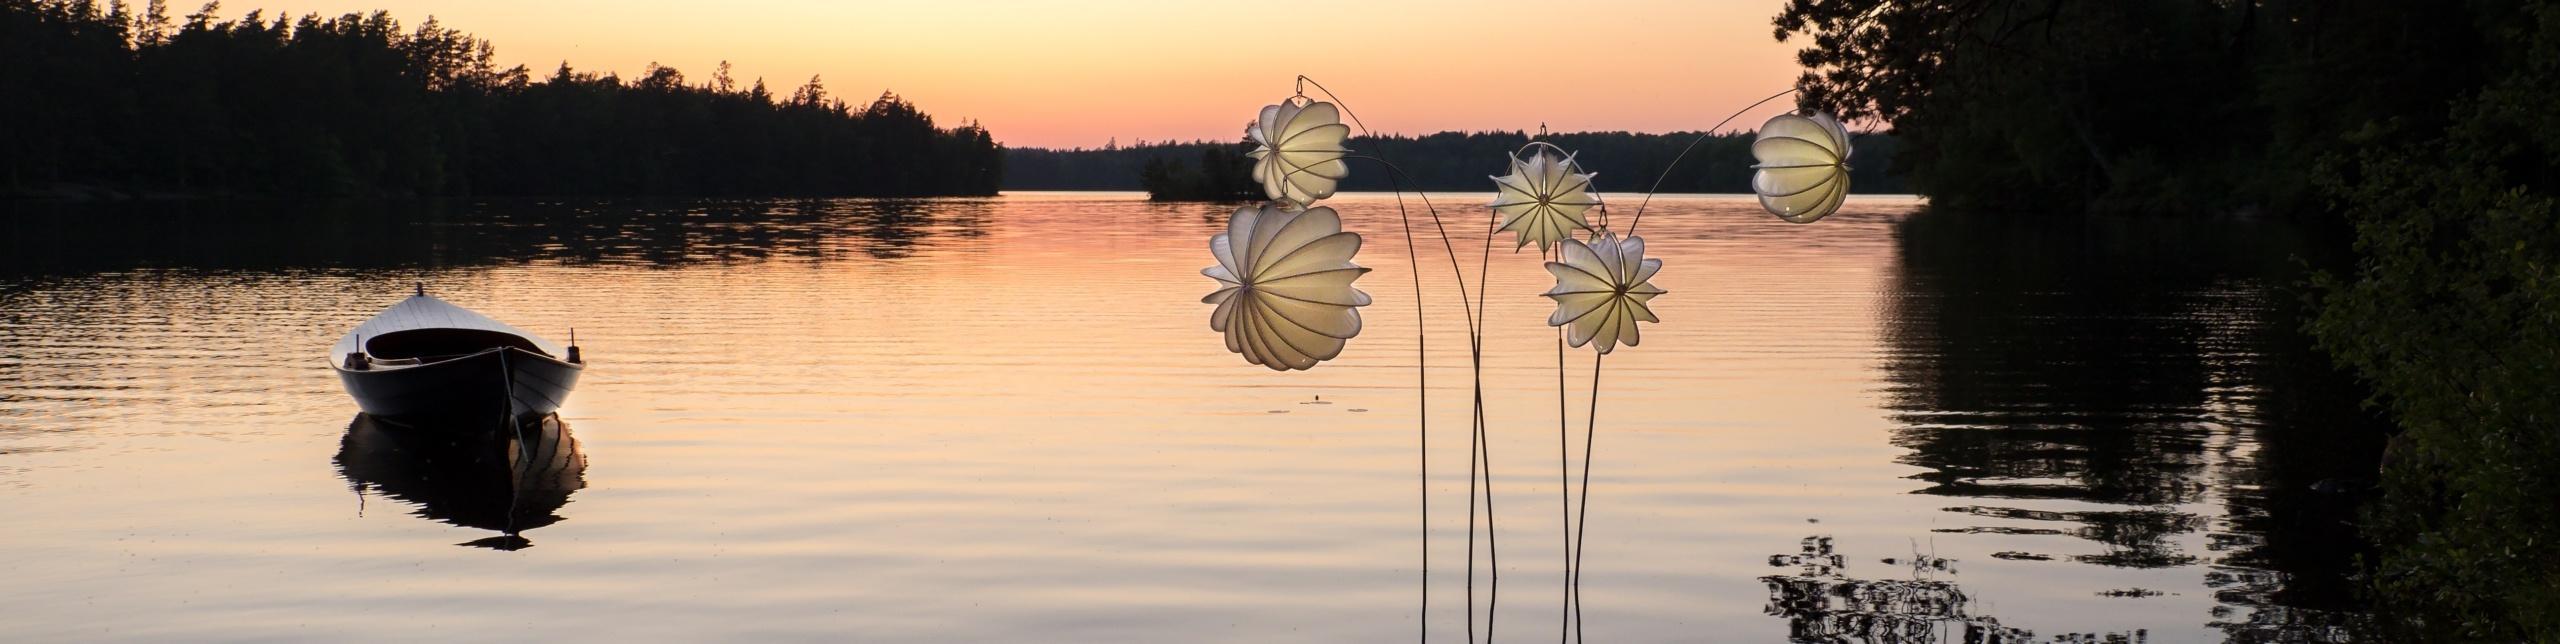 Barlooon - der wetterfeste Lampion - die Beleuchtung für das Leben im Freien